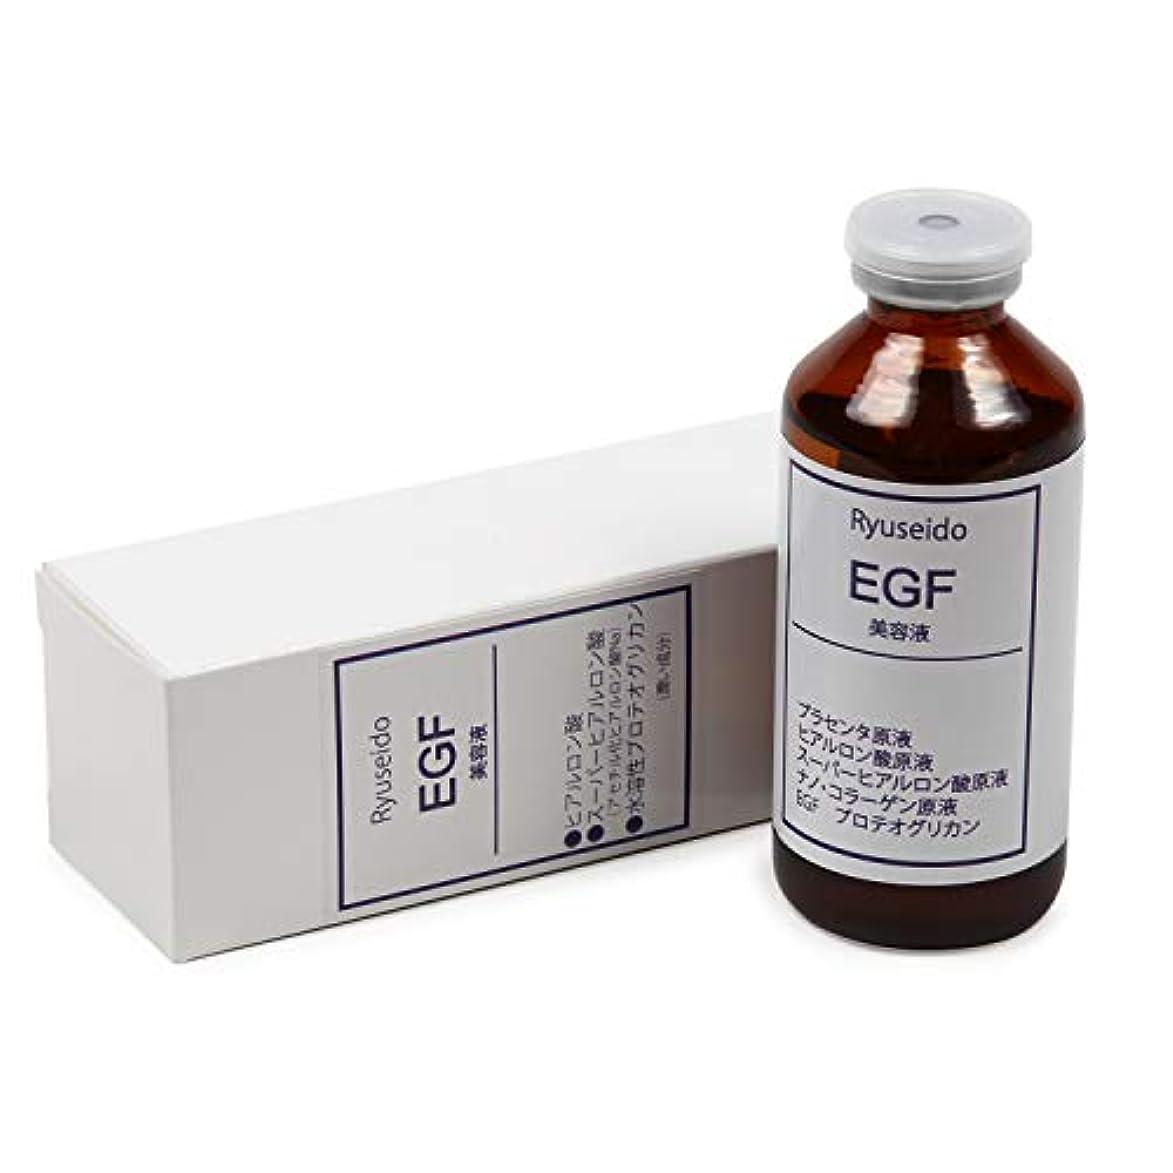 抽選頭蓋骨乱闘10倍濃度EGFをプラセンタ?ナノコラーゲン?ヒアルロン酸原液に配合。毛穴レスできめ細かなクリアな肌に??生コラーゲン配合でキメ密度がさらにアップ。